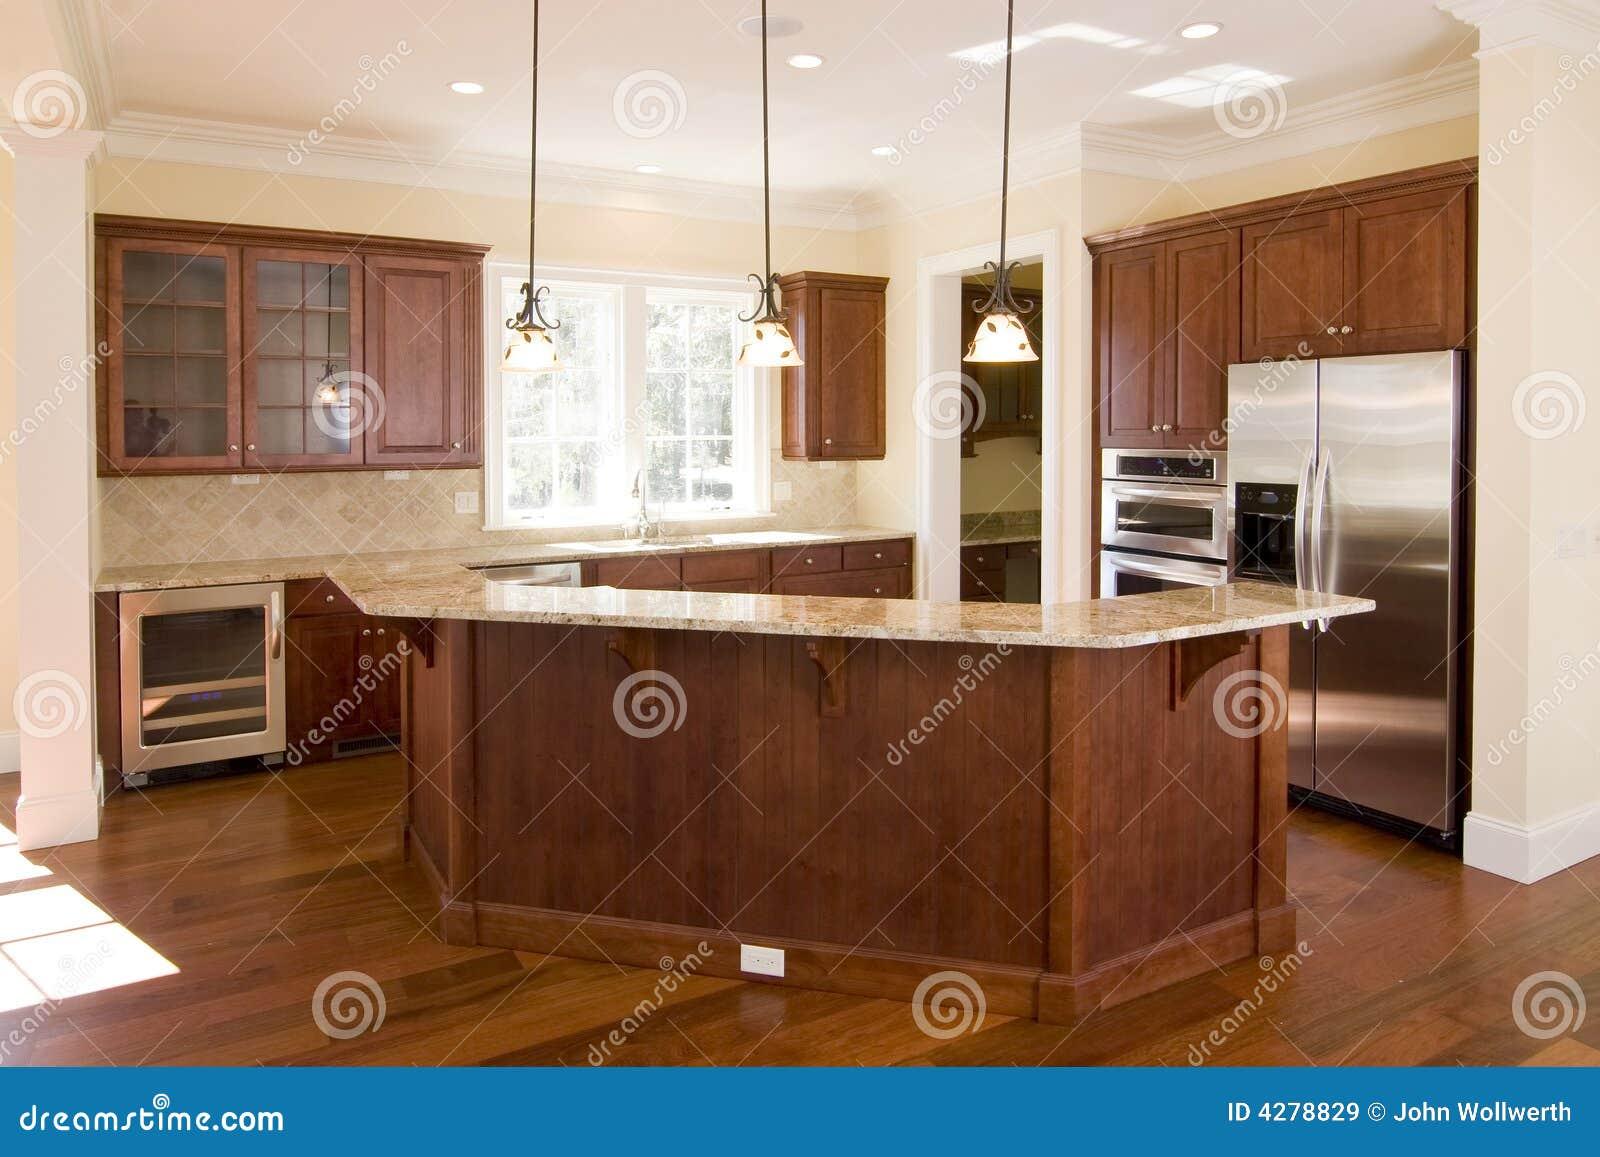 Opulente Küche Im Dunklen Holz Lizenzfreie Stockbilder - Bild: 4278829